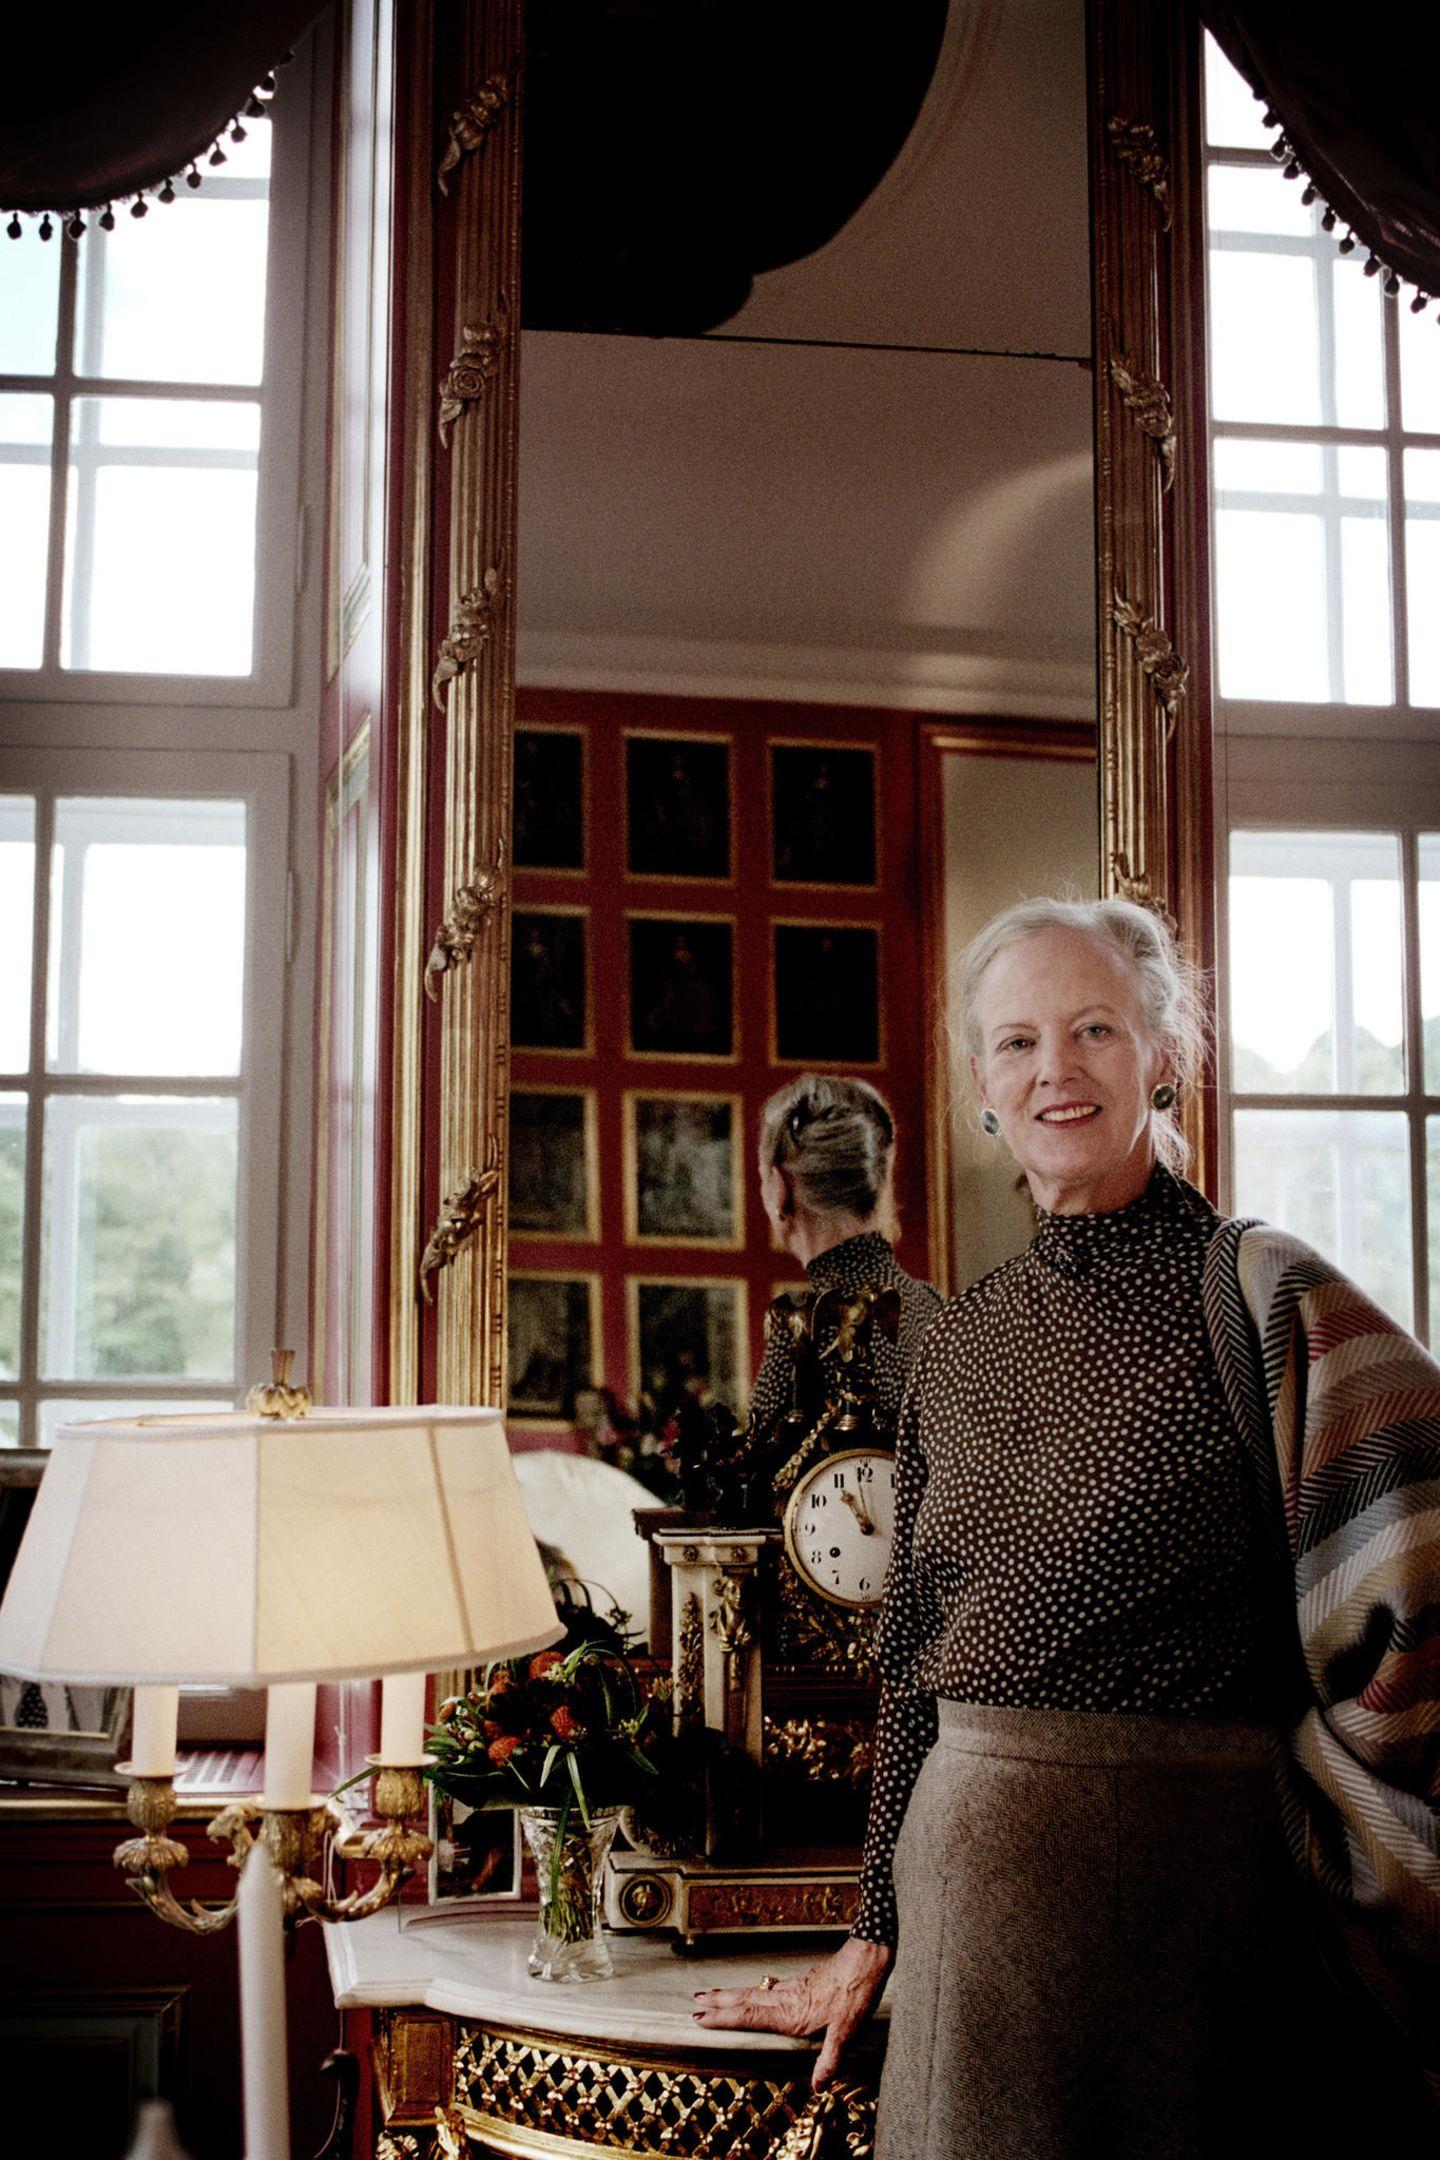 Repräsentativ mit nostalgischer Note gestaltete Königin Margrethe von Dänemark ihr Büro imSchloss Fredensborg. Meterhohe Decken geben dem Raum eine ordentliche Portion Tageslicht und Sonnenschein.